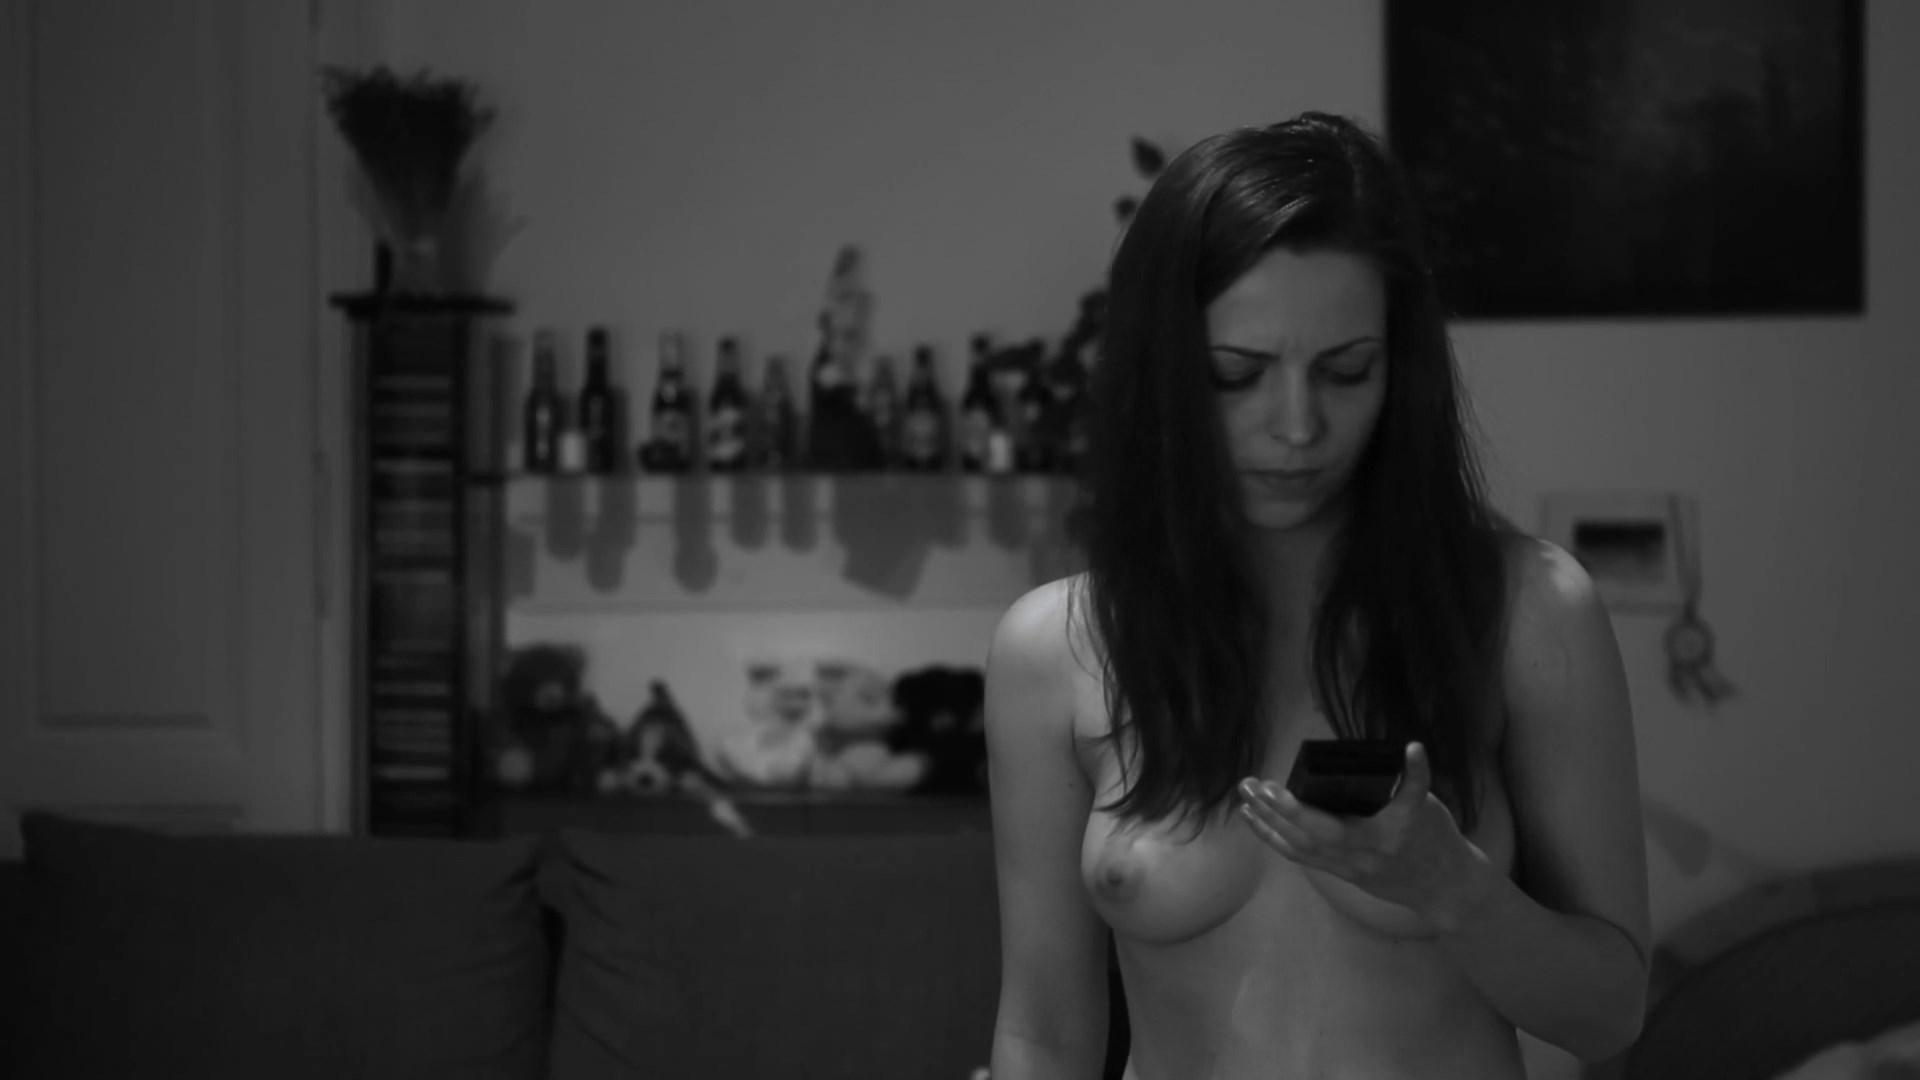 Agnes Milewski nude - Dunkler Tag (2017)